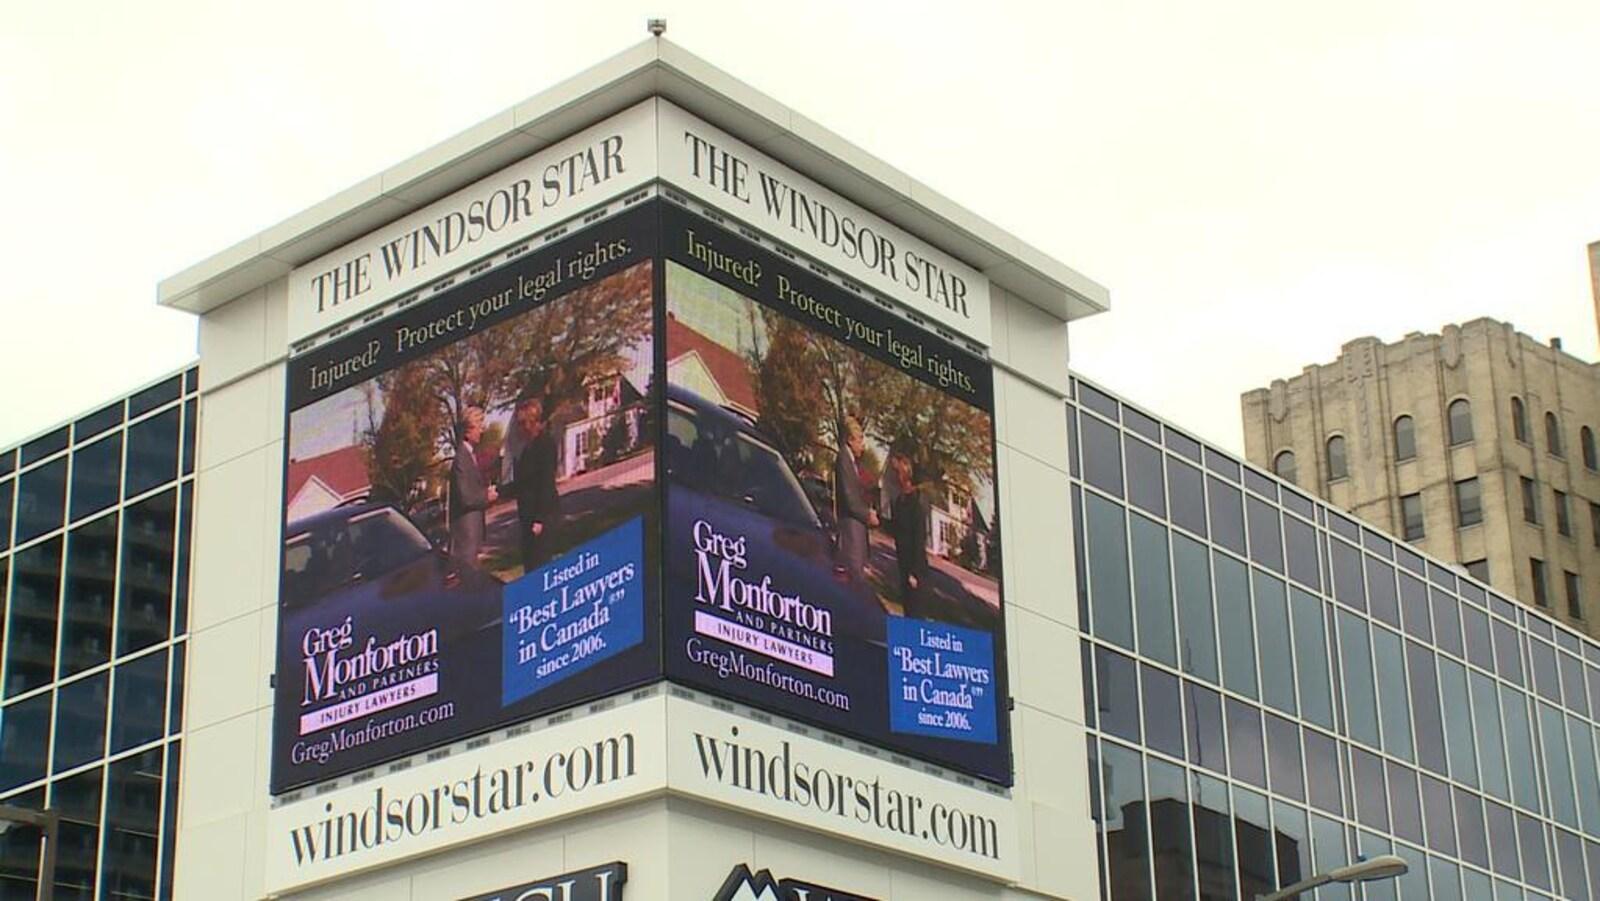 Des écrans publicitaires sont placés sur la façade de l'immeuble, sous l'enseigne The Windsor Star.